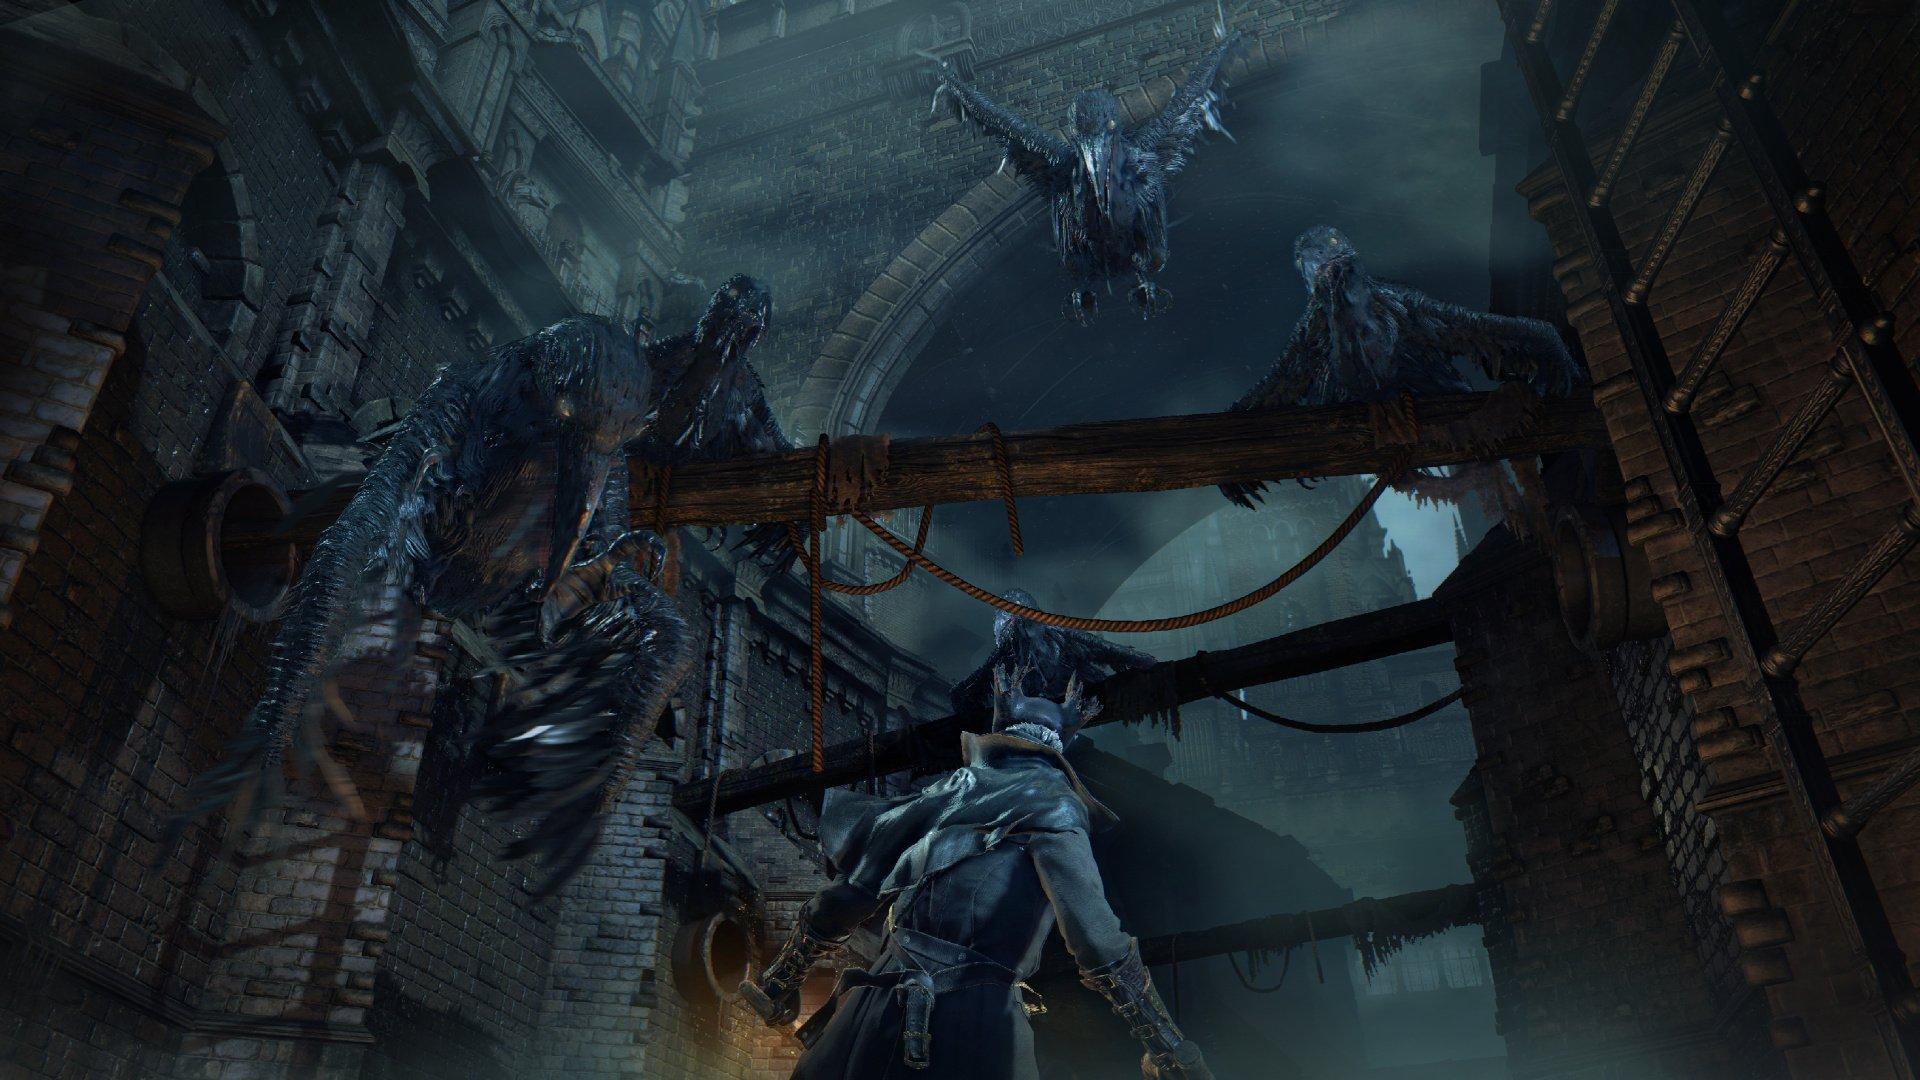 Bloodborne hd wallpaper background image 1920x1080 - Bloodborne download ...